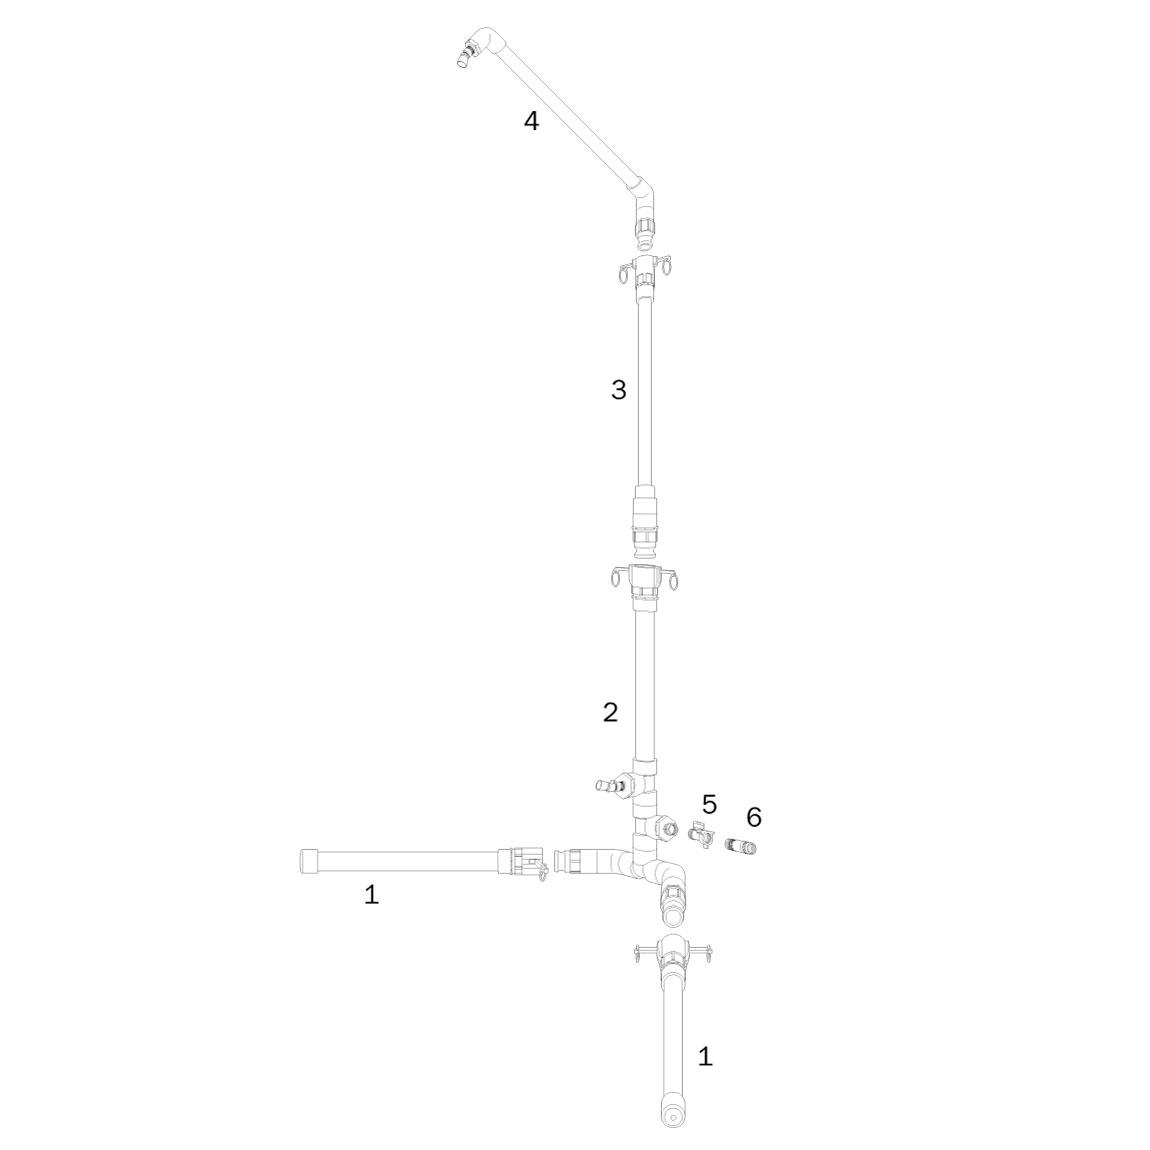 Decono Parts Ordering image